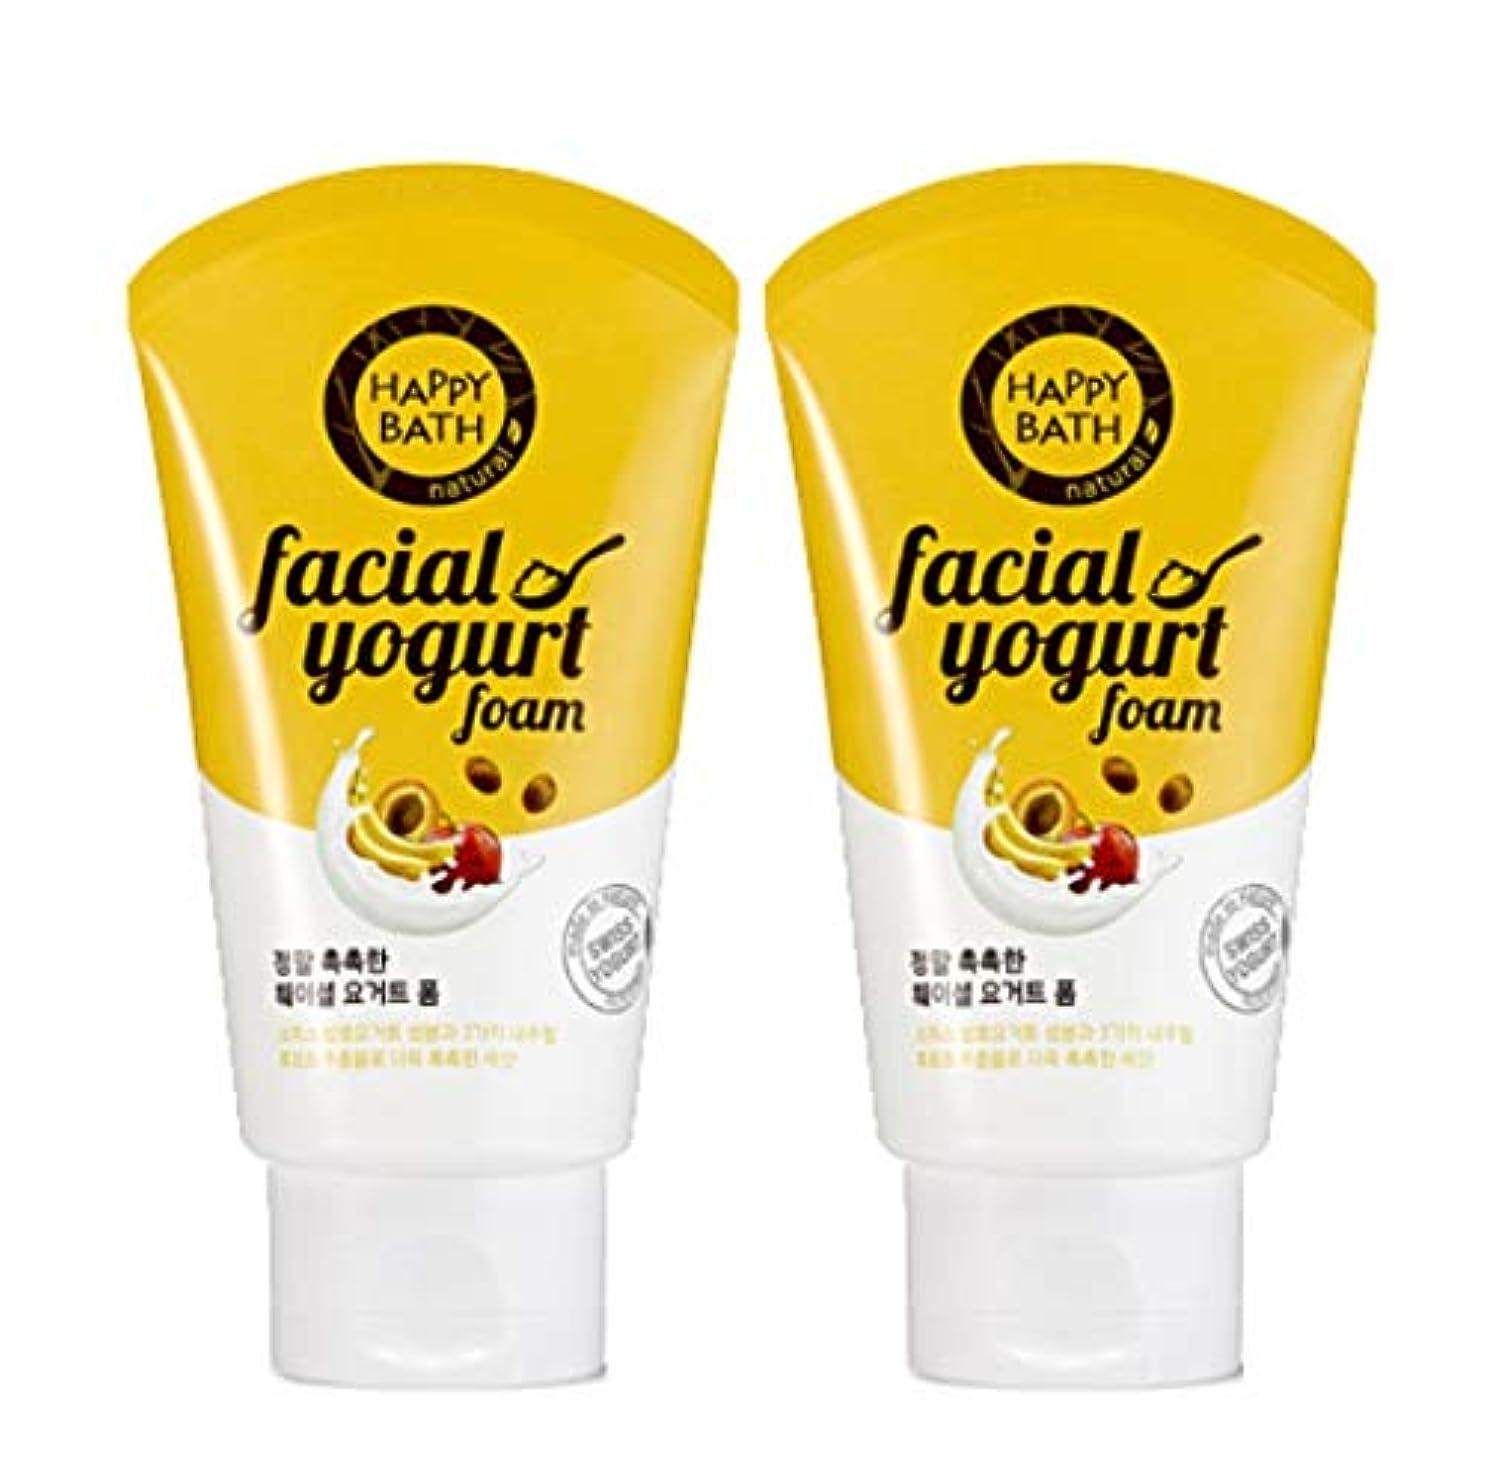 特異な消費する即席(1+1)ハッピーバスフェイシャルヨーグルトモイストフォームHAPPY BATH Facial Yogurt Moist Foam 韓国の人気商品 Korean Beauty Womens